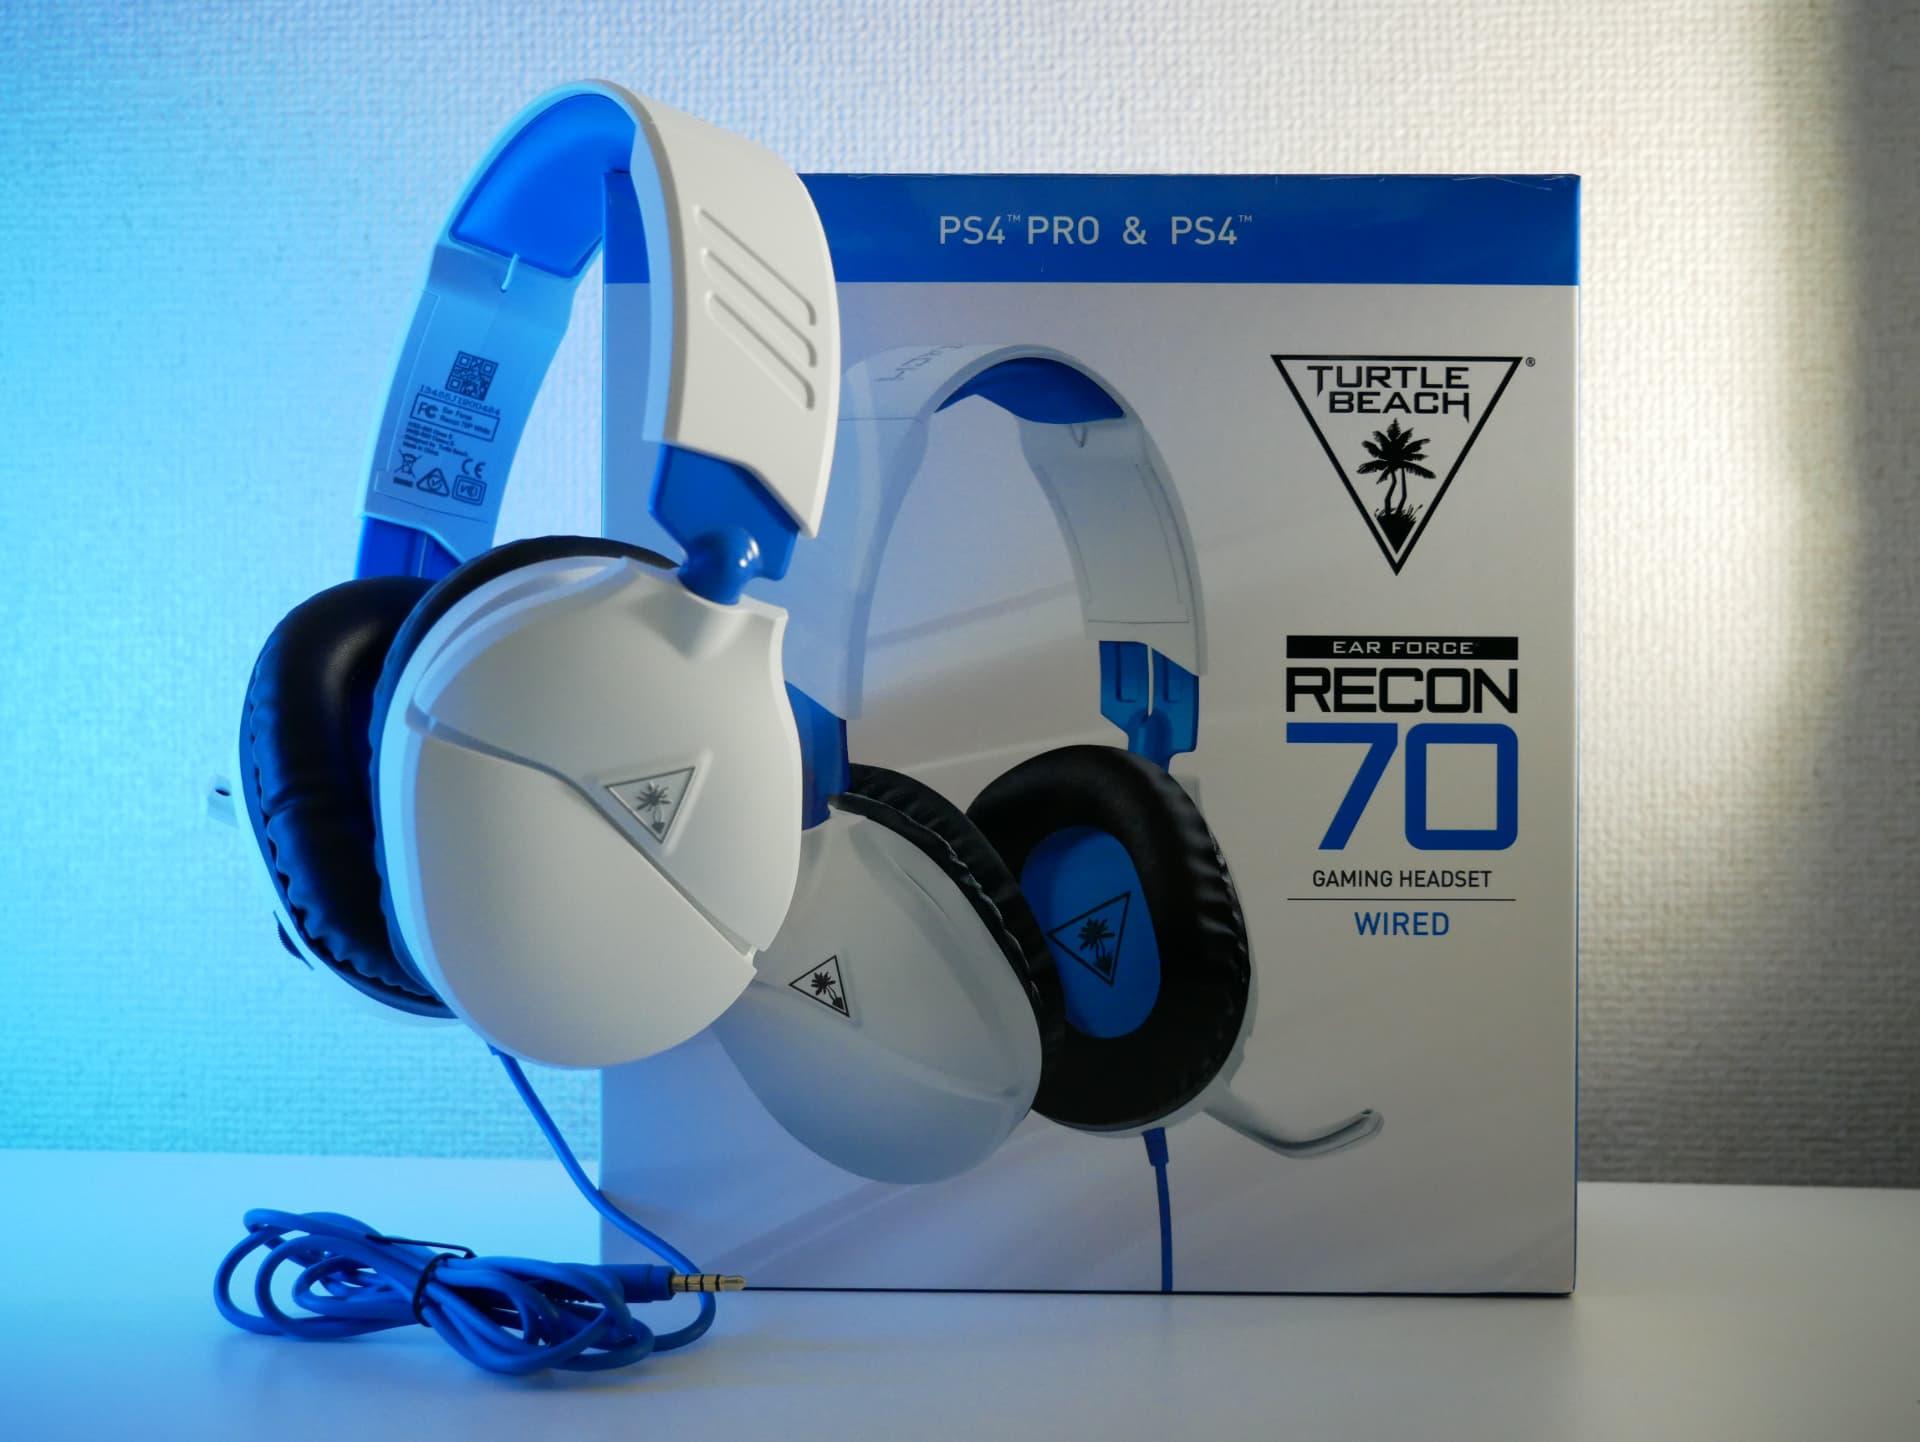 「Turtle Beach Recon 70」レビュー。5,000円台としては優れた音質のエントリー向けゲーミングヘッドセット